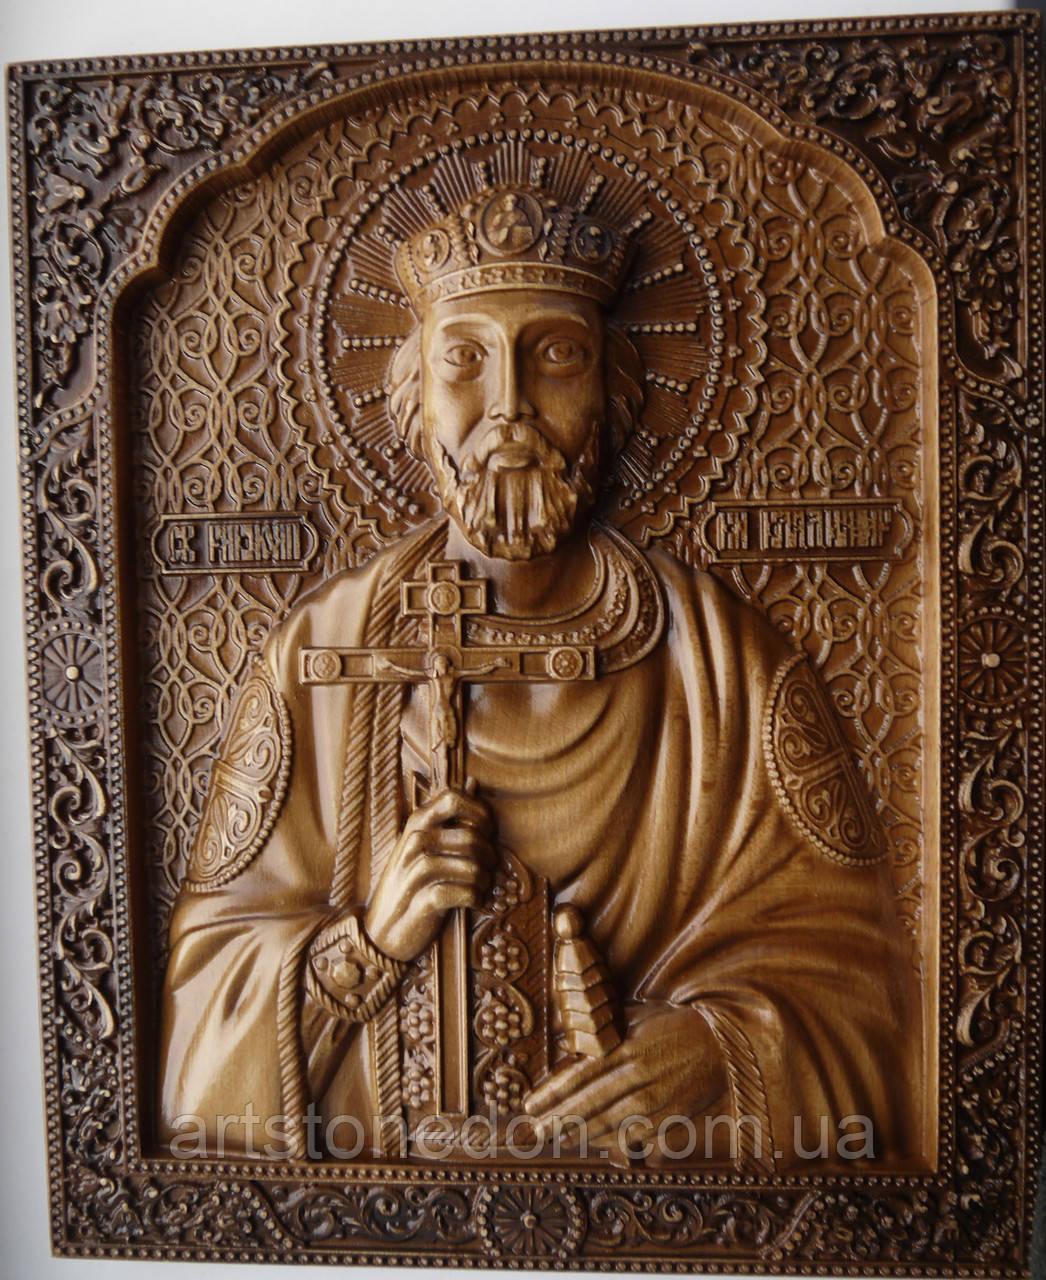 Резные иконы из дерева. Икона Святого князя Владимира 34*28*3 см